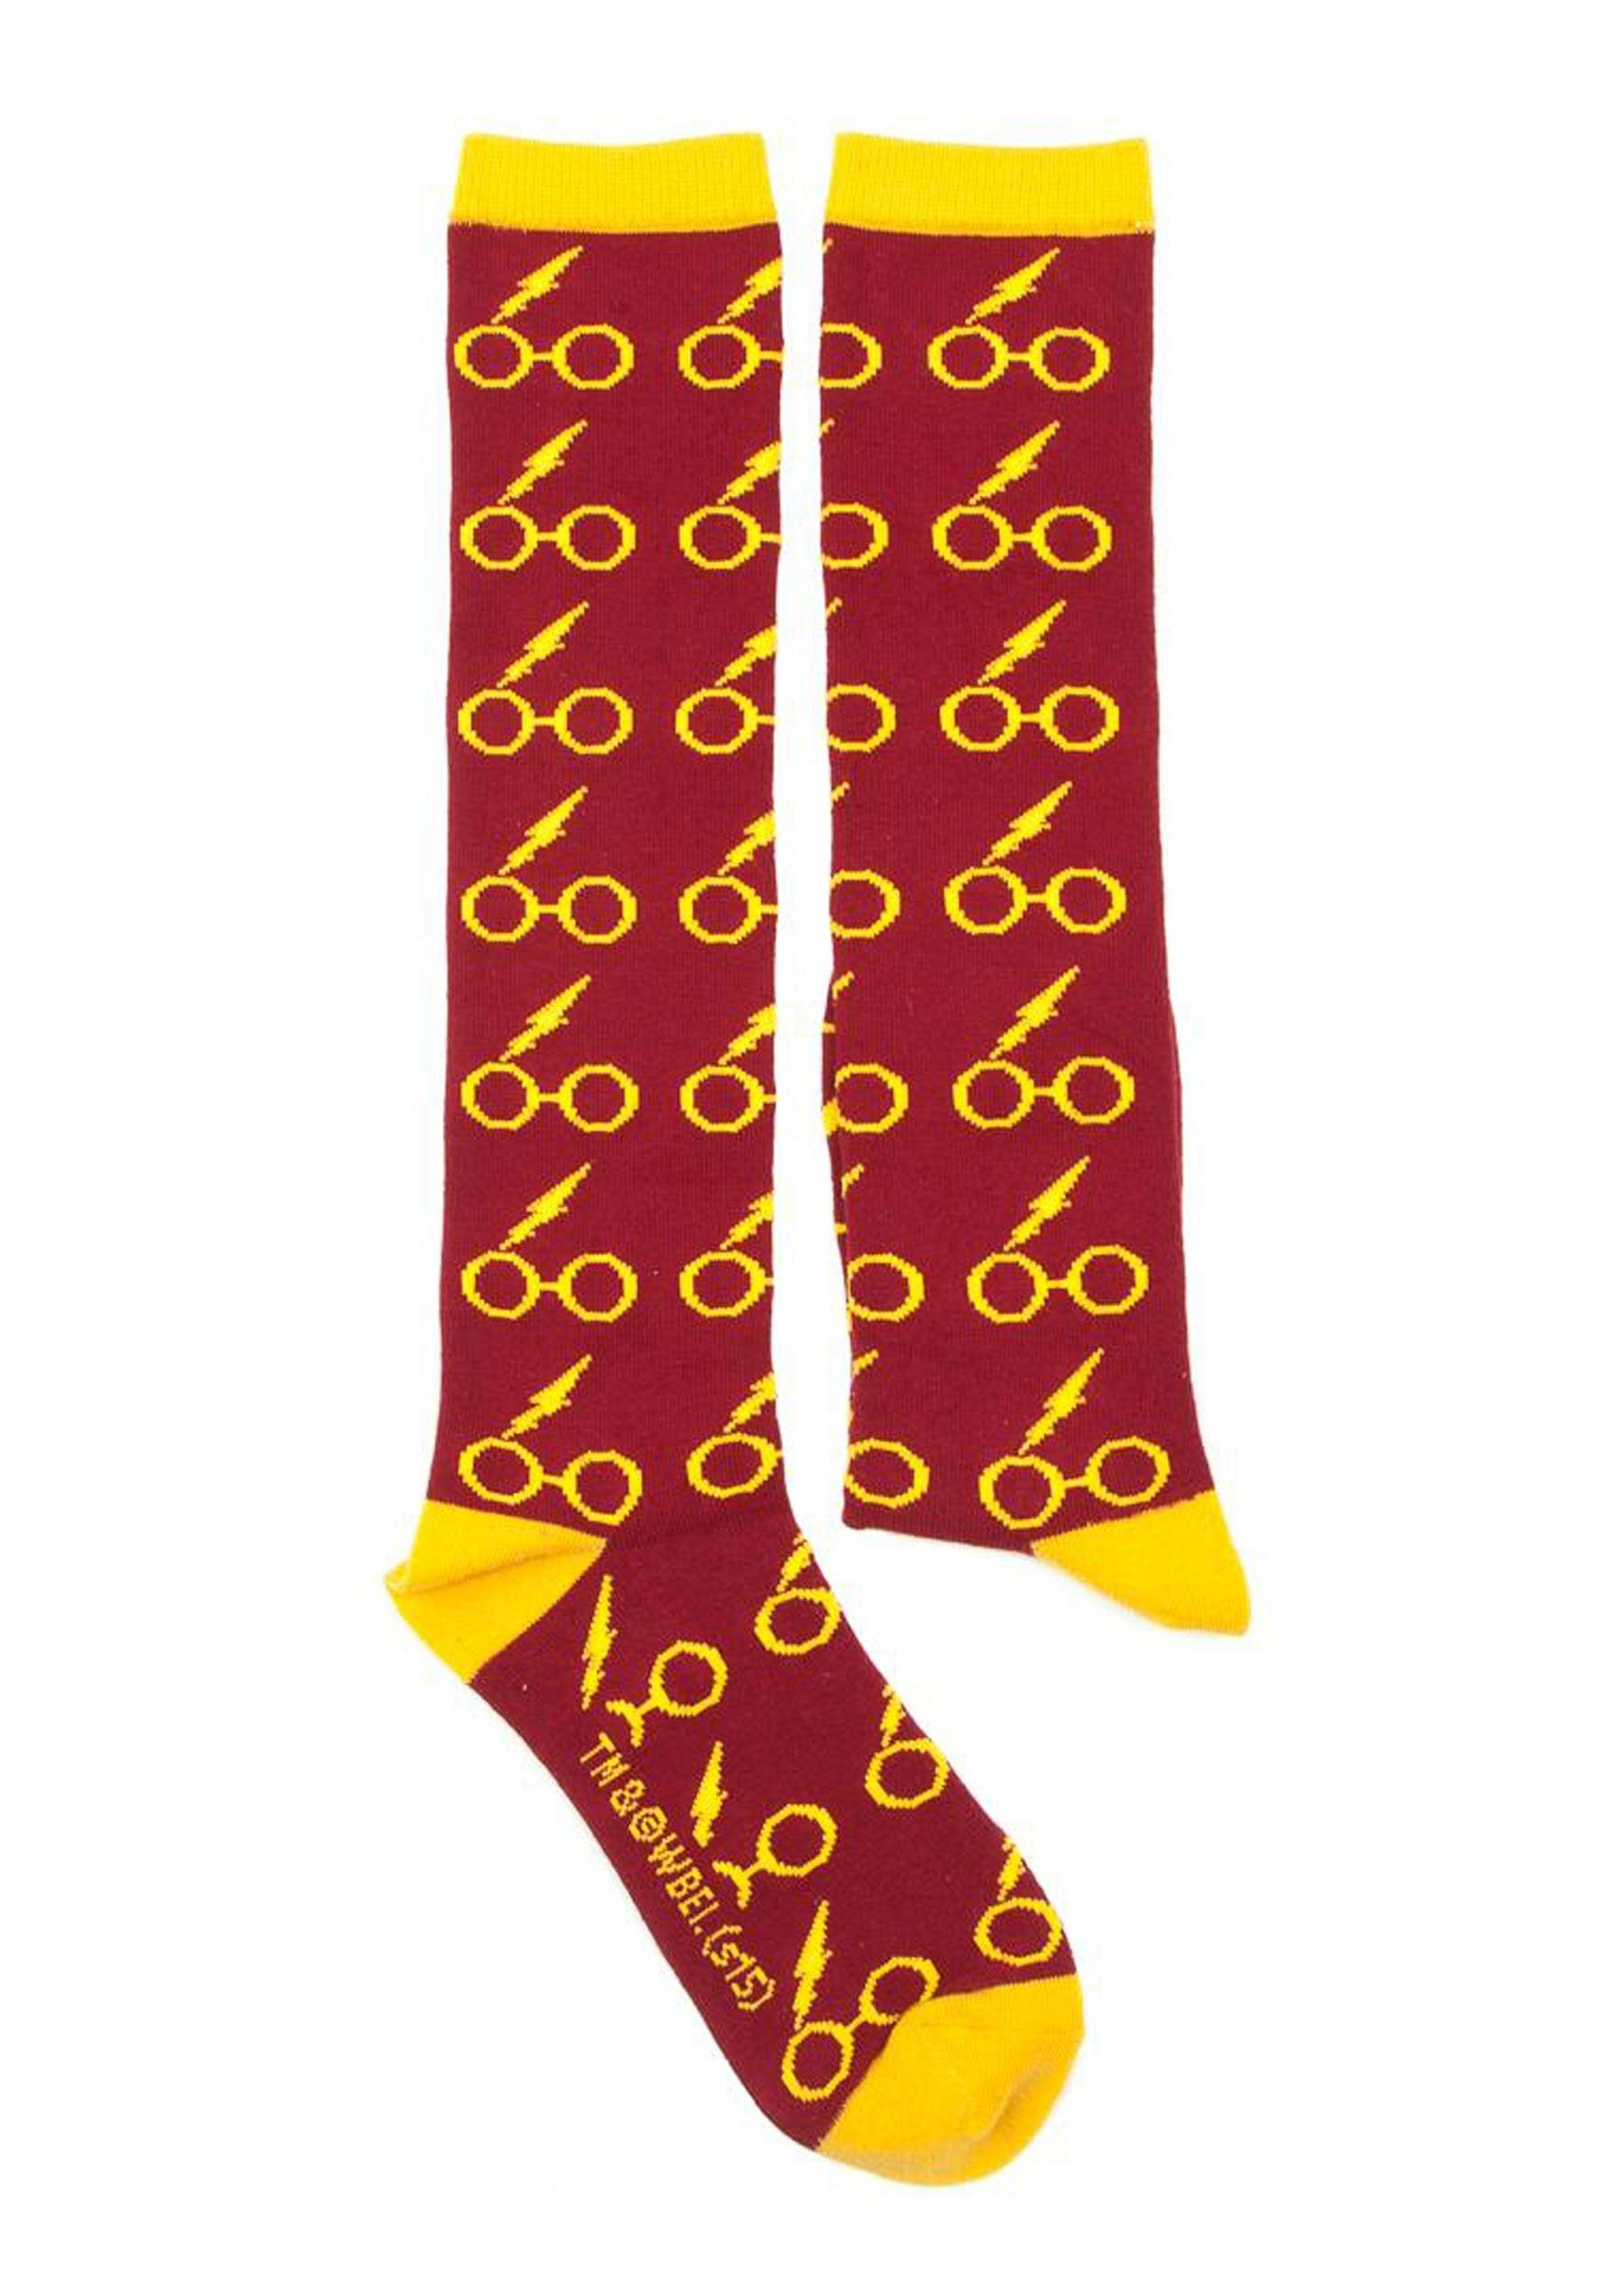 43531e772 Harry Potter Glasses Knee High Socks Harry Potter Glasses Knee High Socks 2